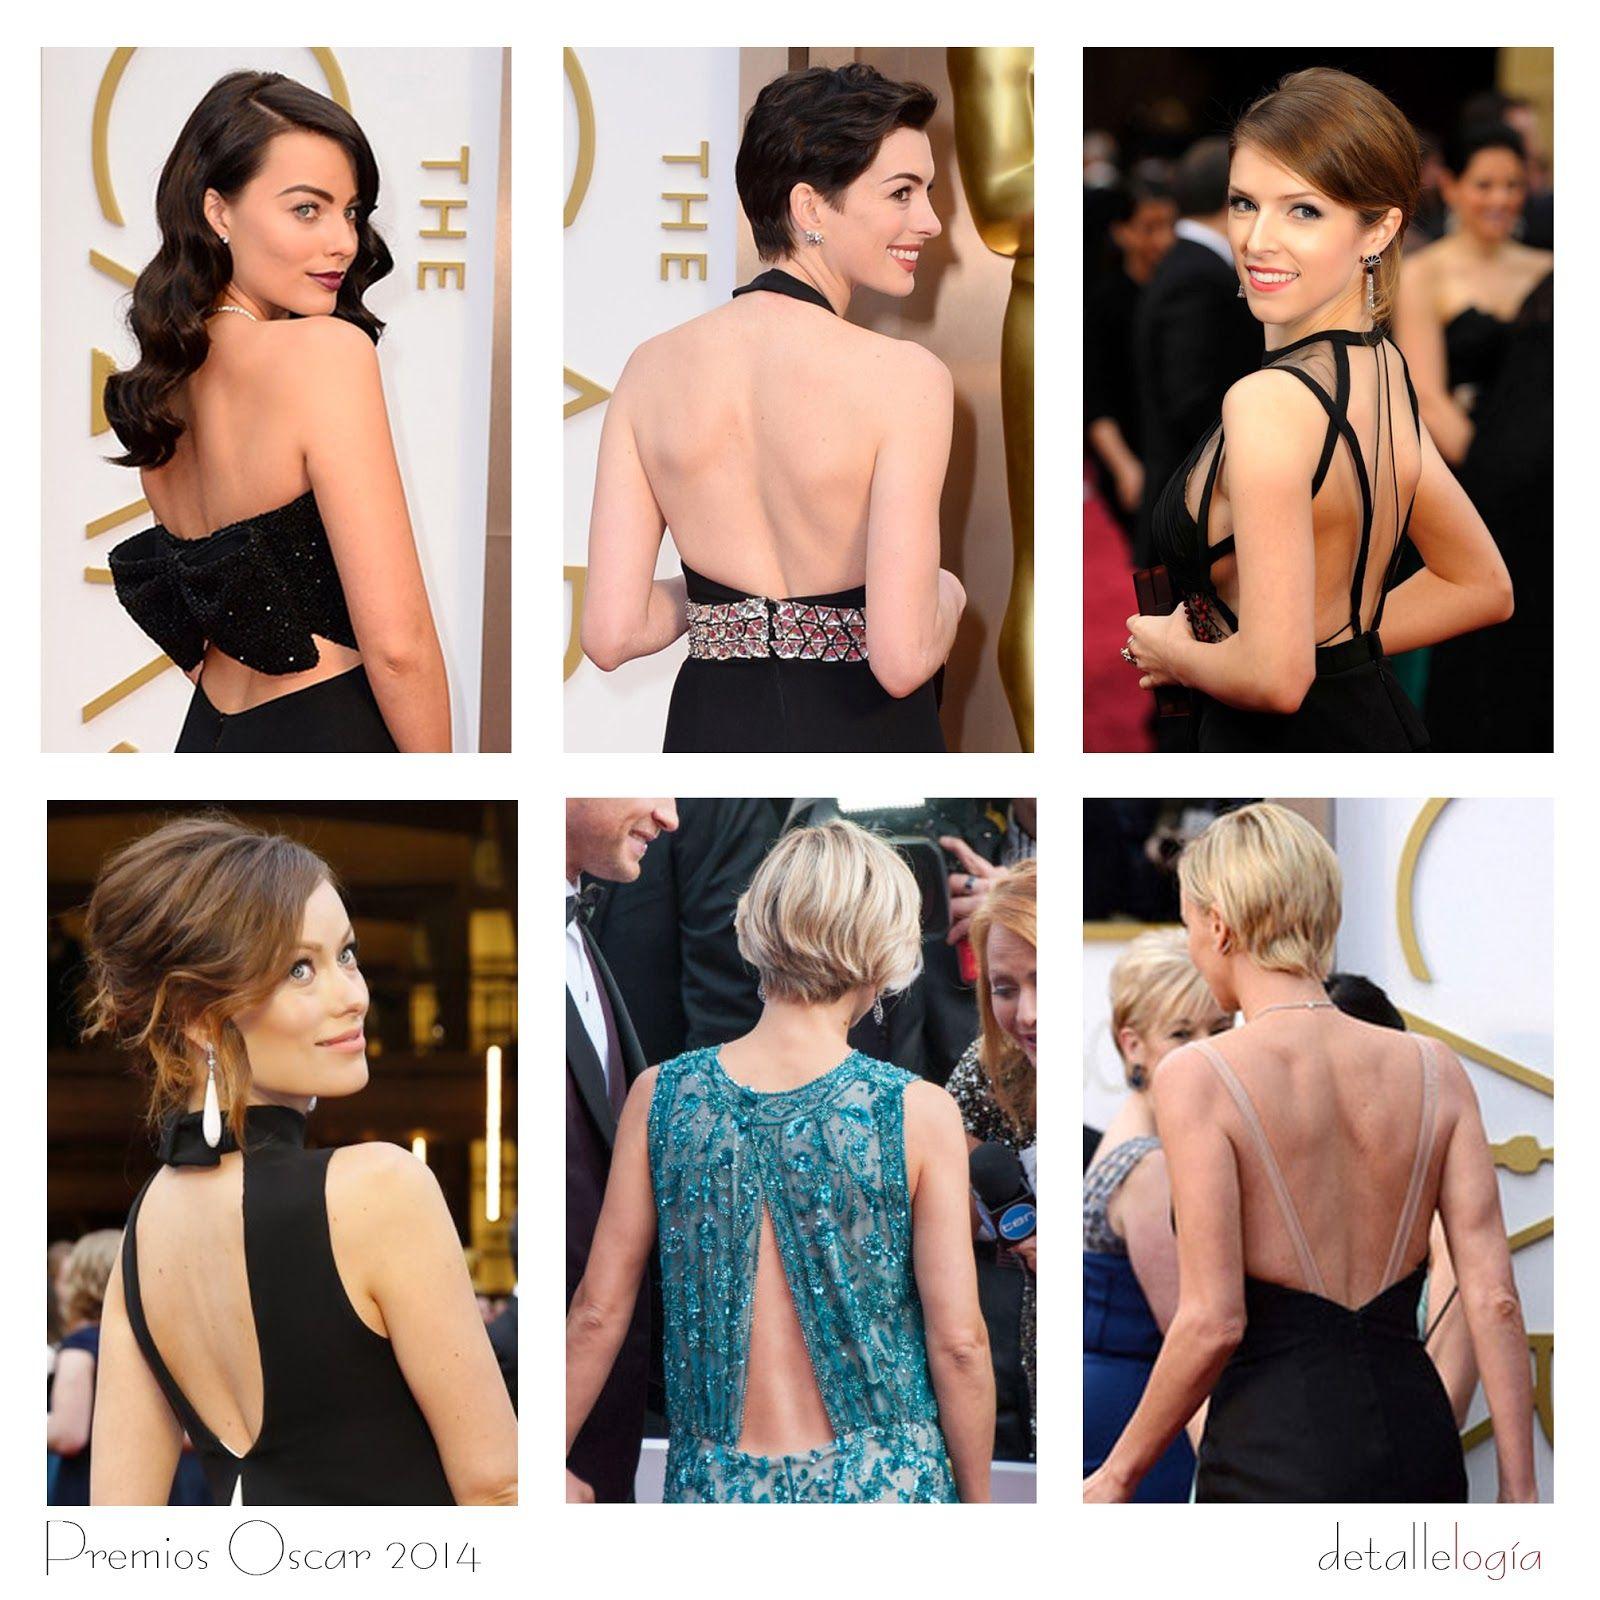 Tendencias en los Oscar 2014-Espaldas al aire